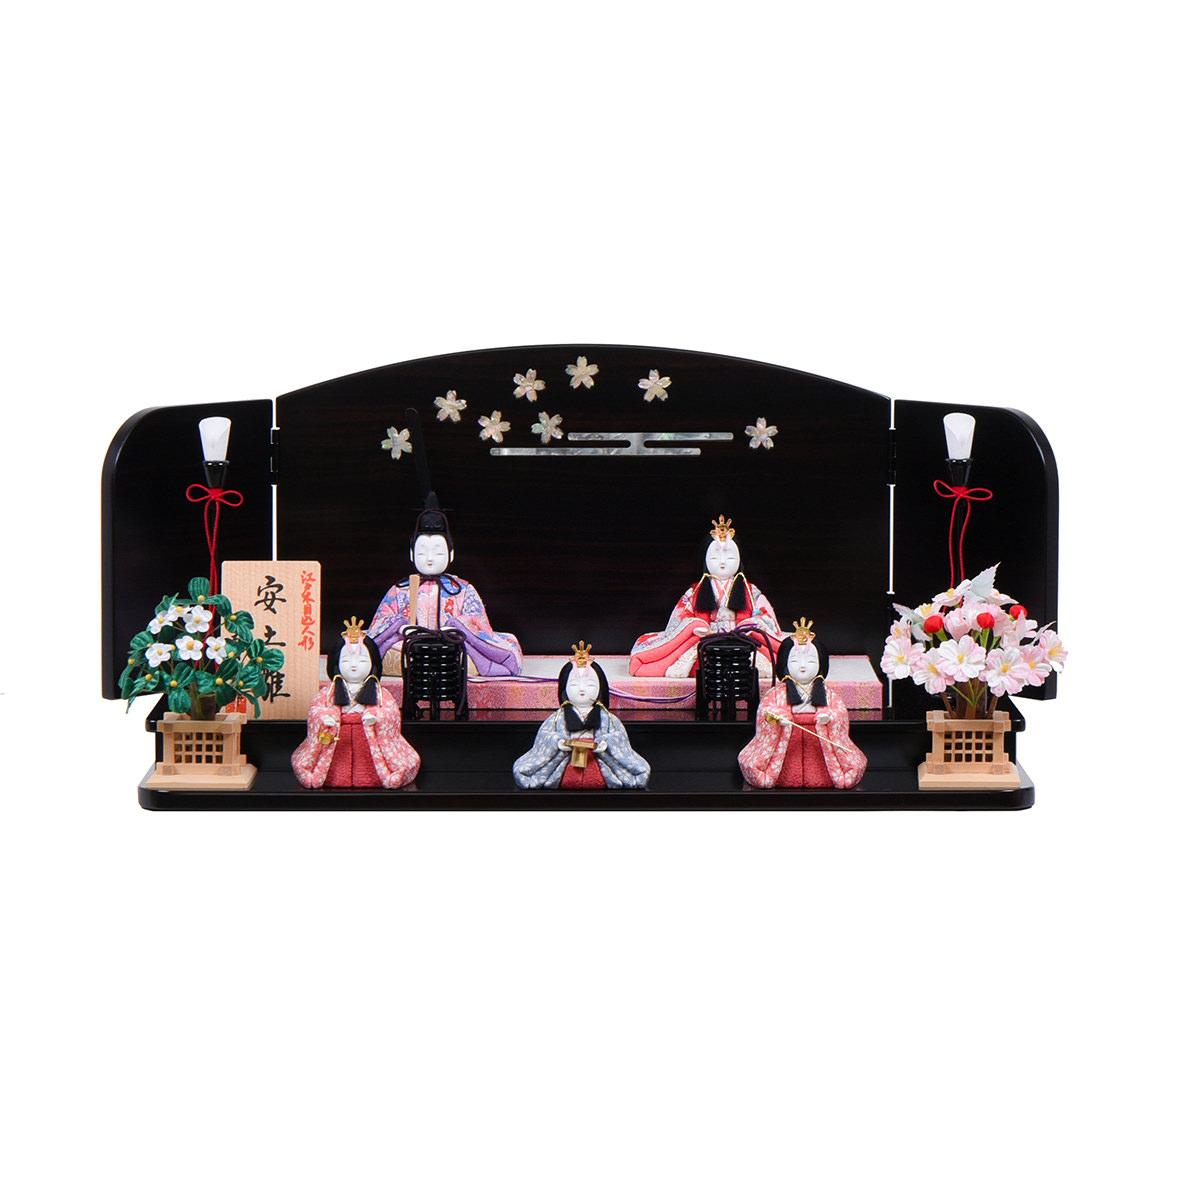 木目込人形 木村一秀 安土雛 小型五人飾り 送料無料